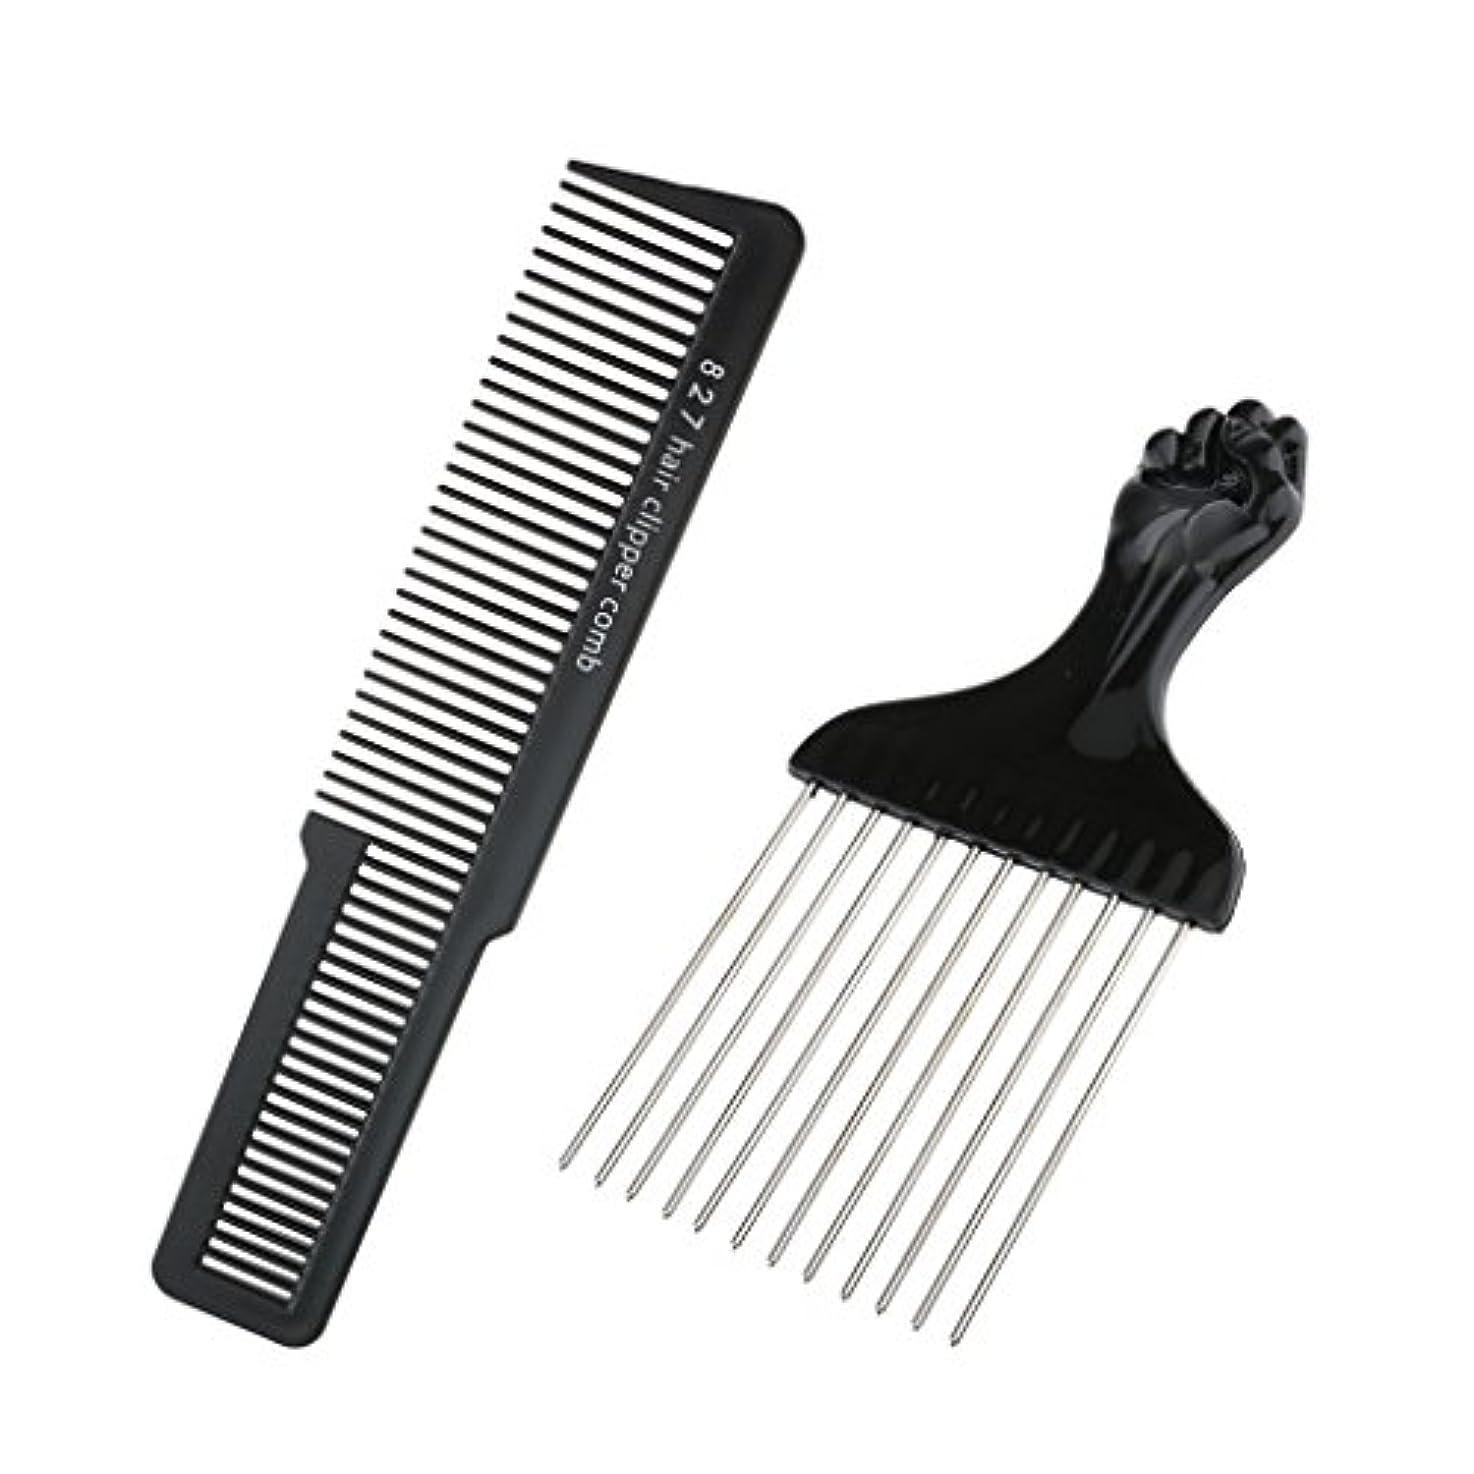 技術者季節みすぼらしい美容院の理髪師のヘアスタイリングセットの毛の切断のクリッパーの櫛セットが付いている黒いステンレス鋼のアフロピックブラシ